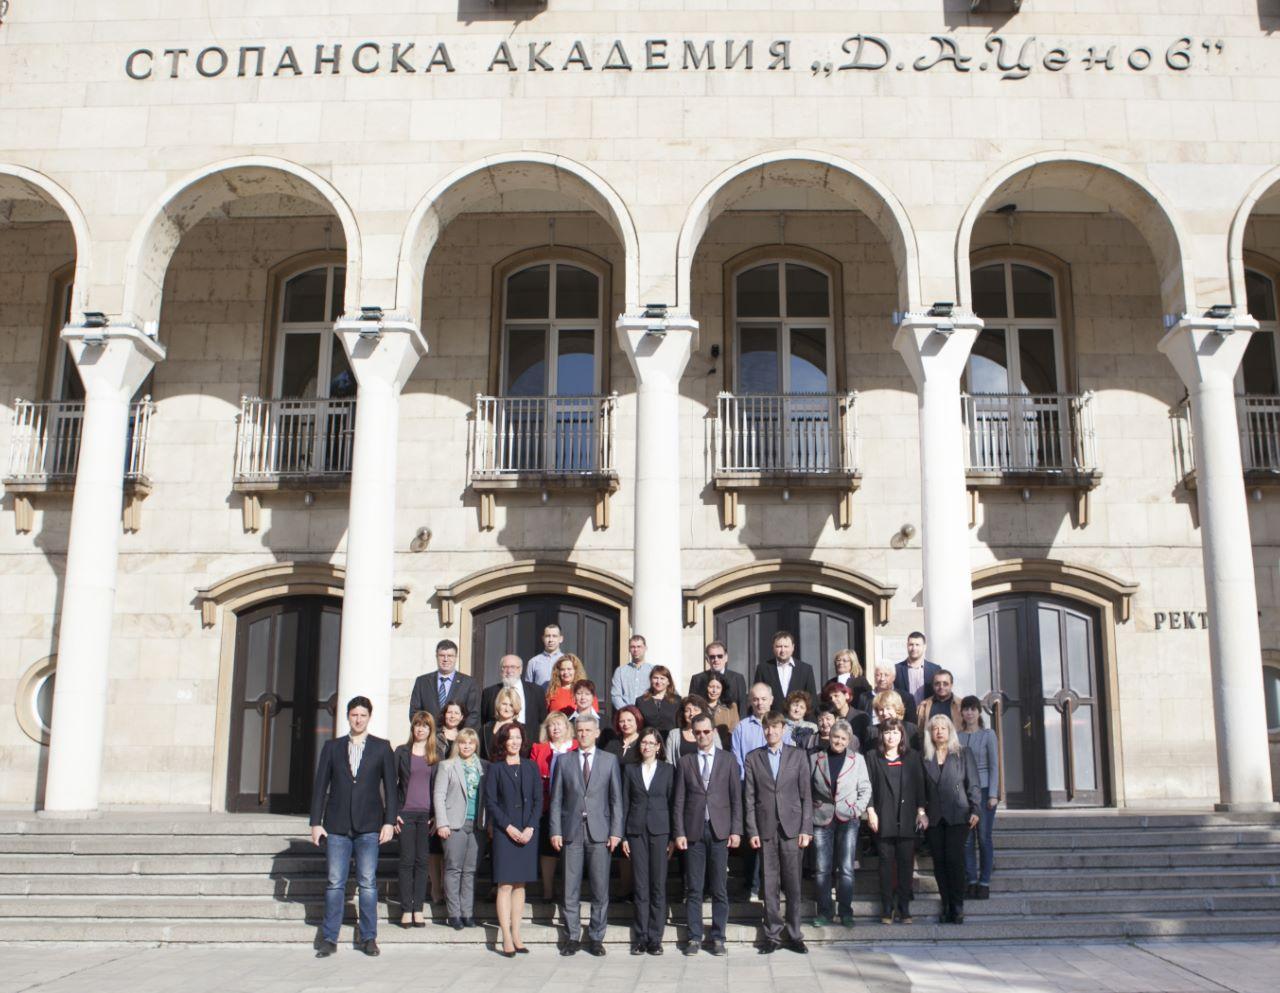 В деня на създаването преди 525 год. на счетоводната наука в Стопанска академия дебатираха обучението в докторантура по икономика (10.11.2019)